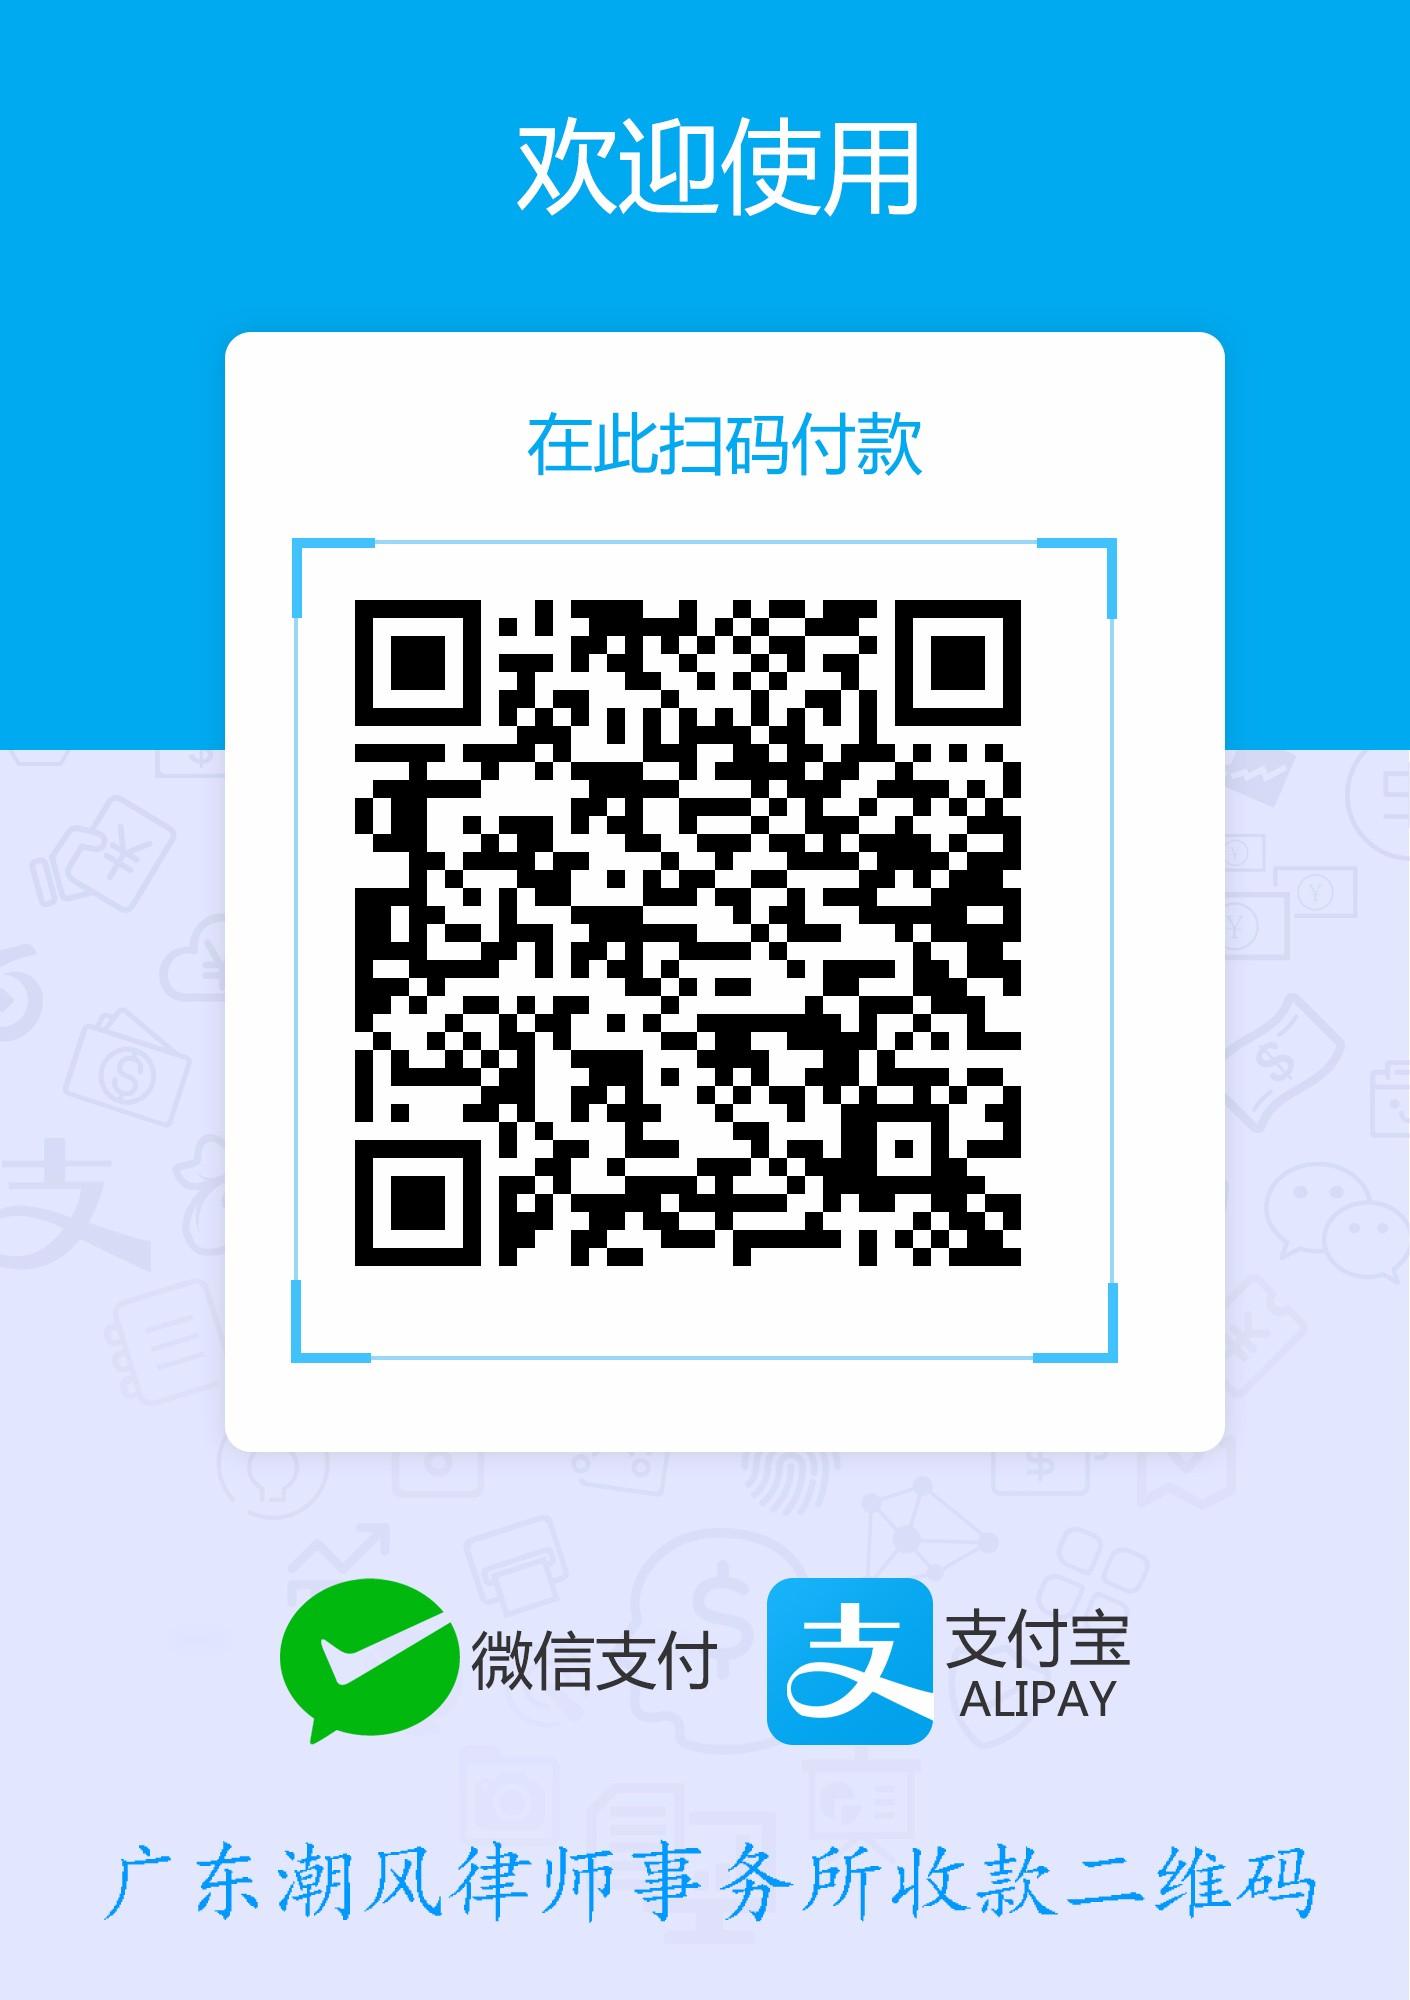 1515408349104352.jpg